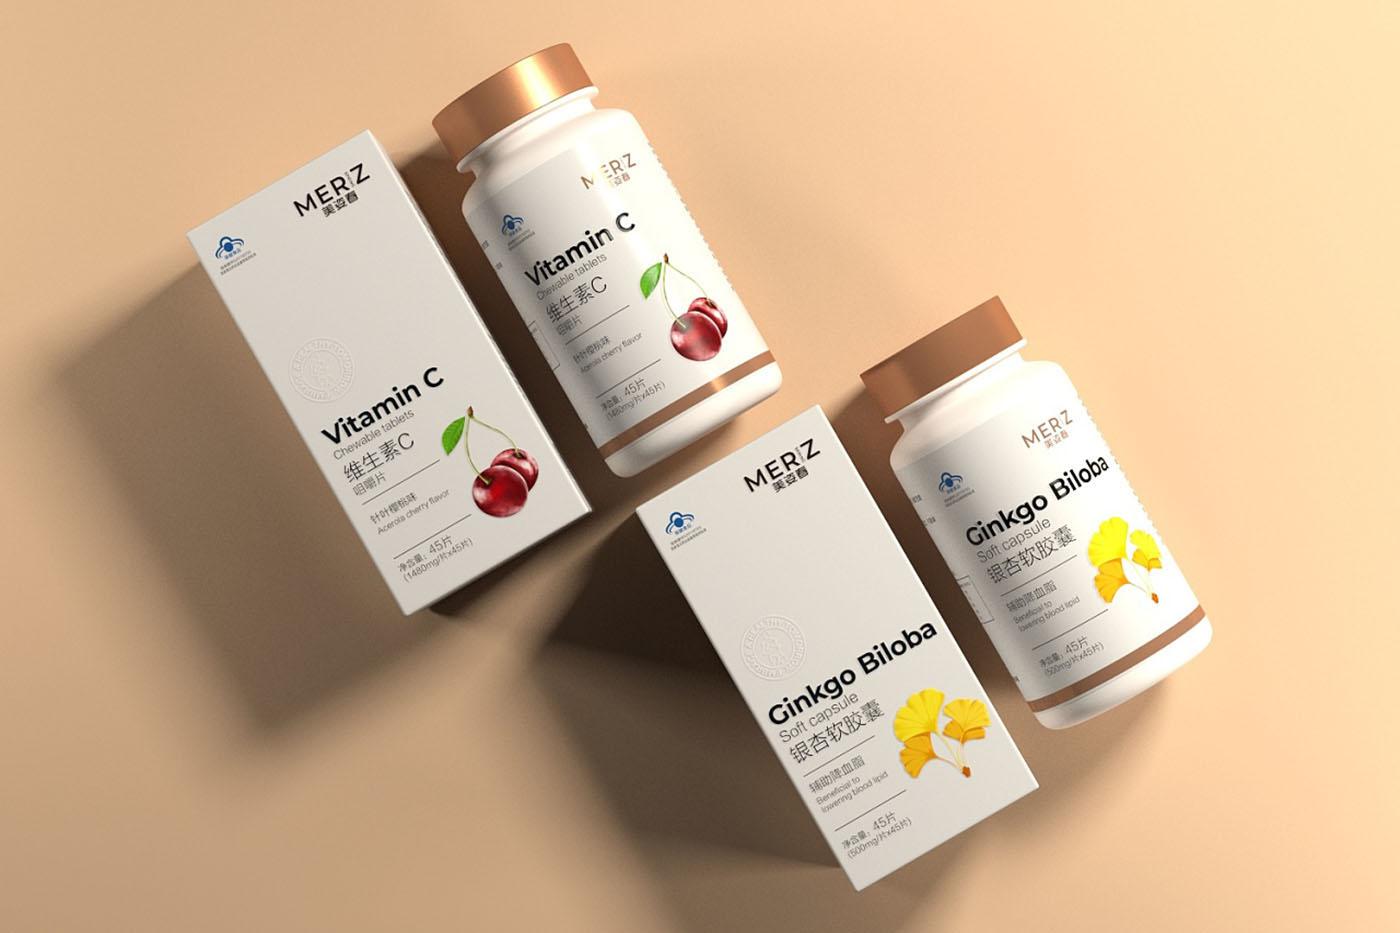 维生素系列保健品包装设计-瓶装保健品包装设计